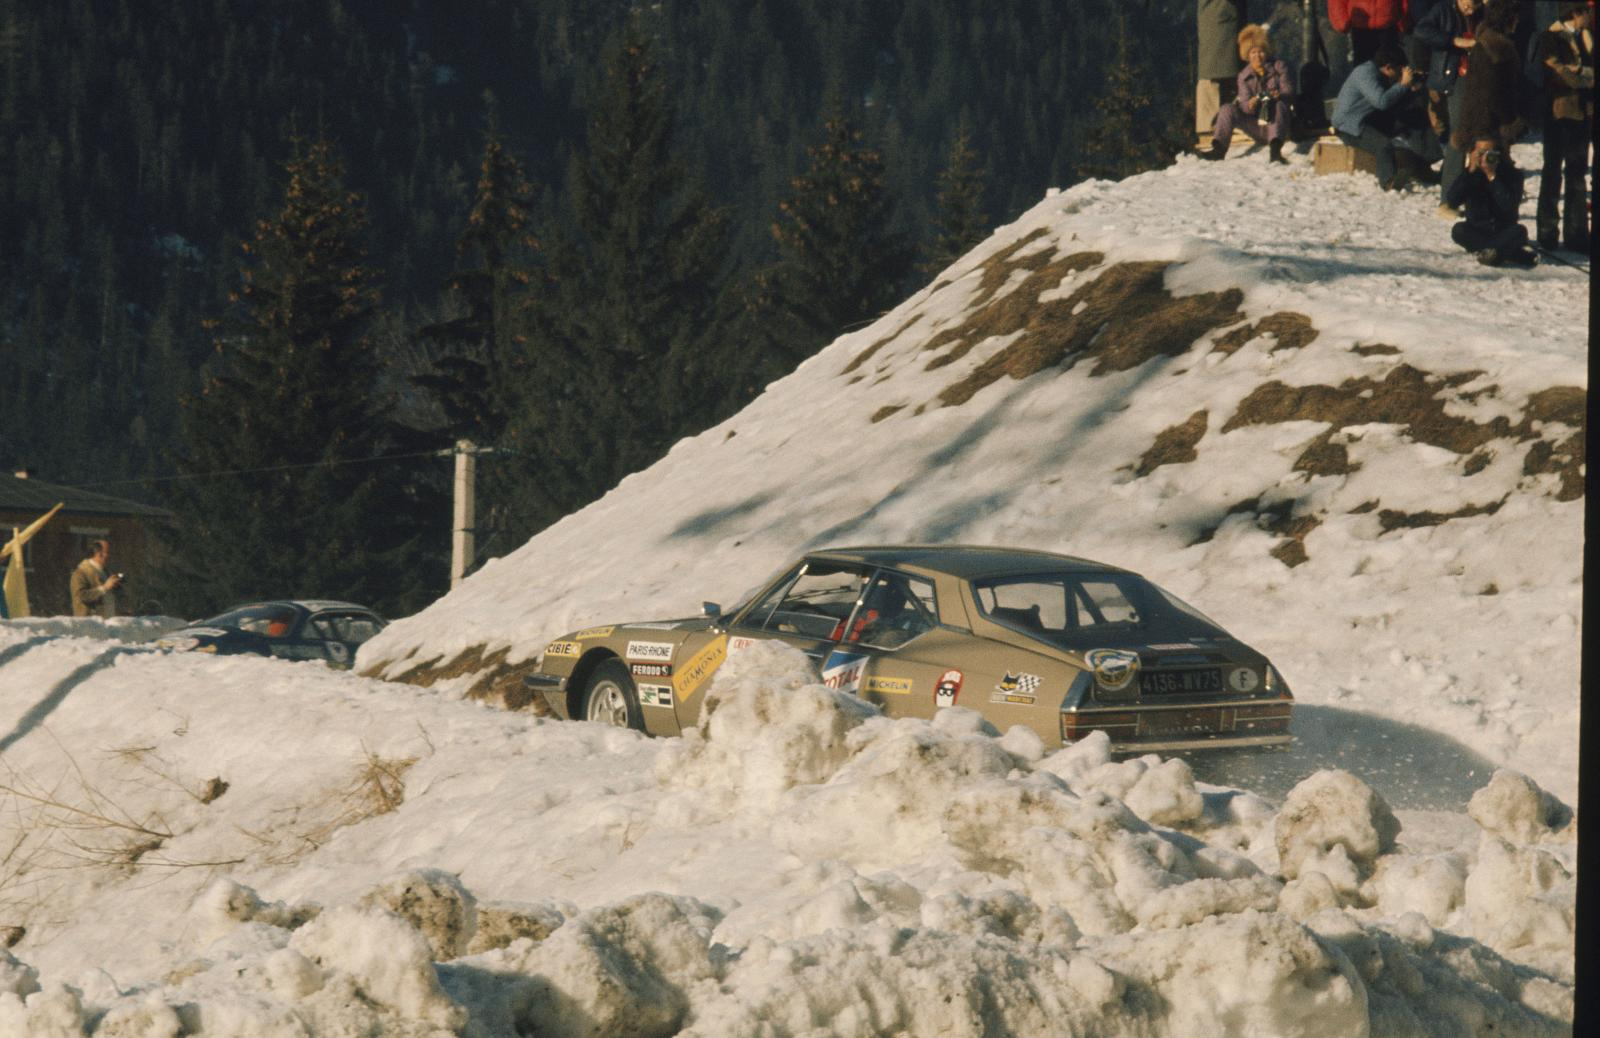 Ronda de inverno em Chamonix - SM - 1972 - vista traseira